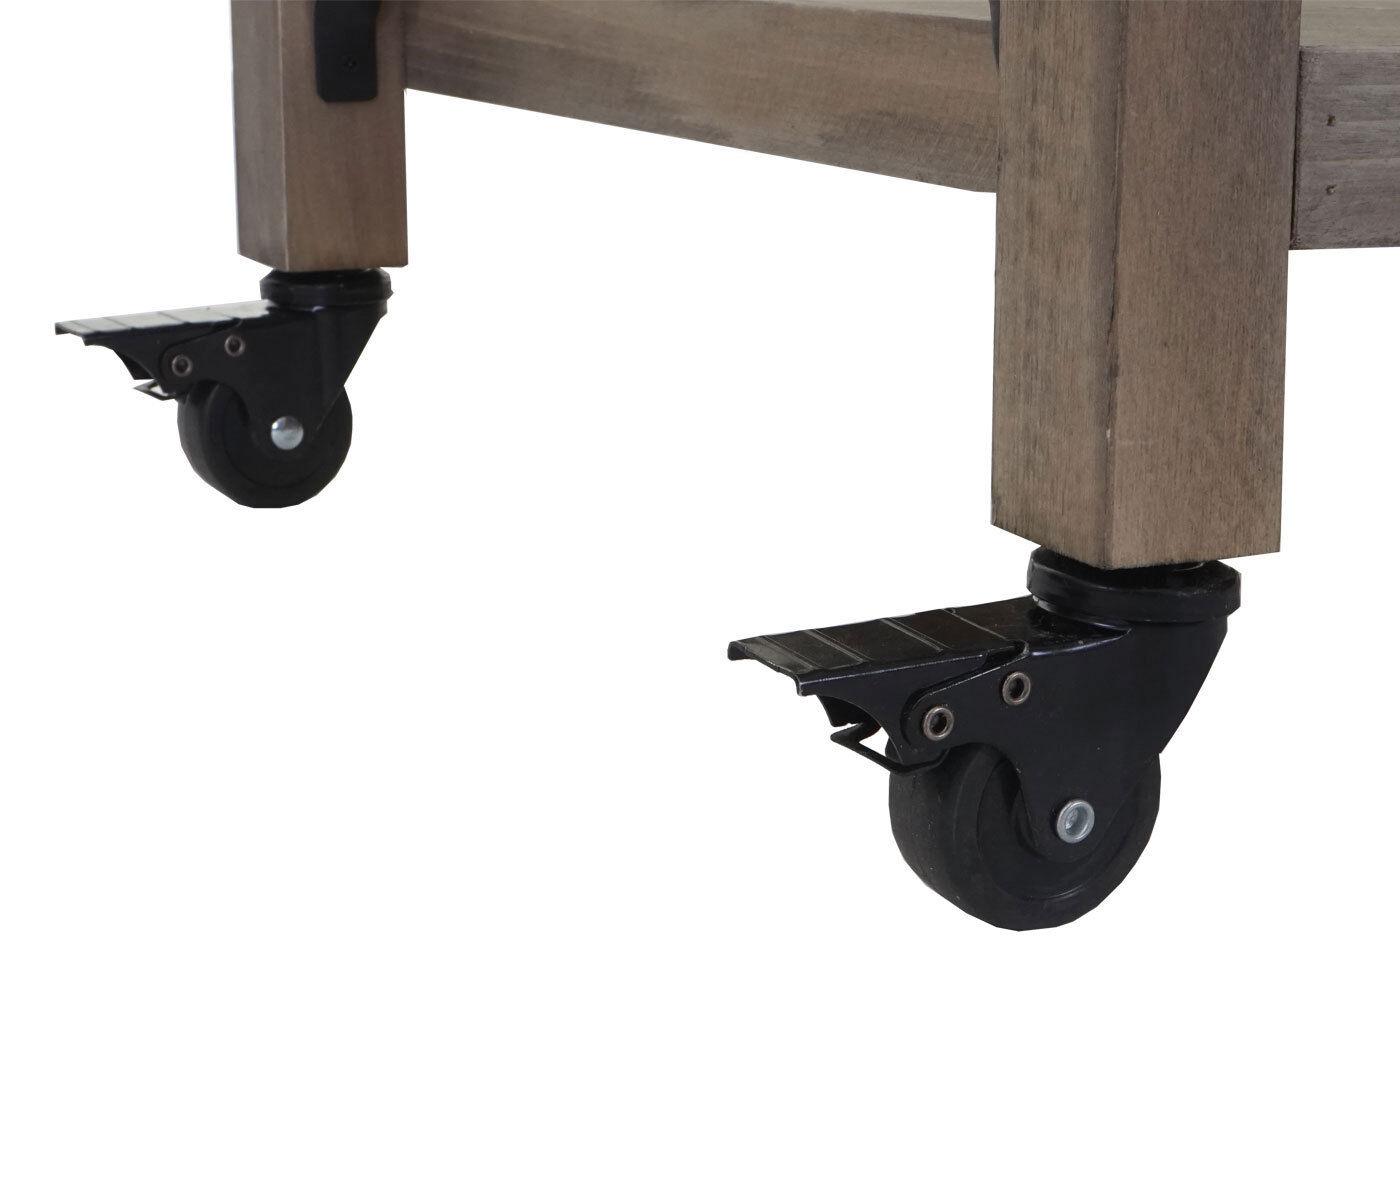 Trolley hwc-c86, Kitchen Trolley Bar Cart, Kitchen Aid, 85x114x47cm